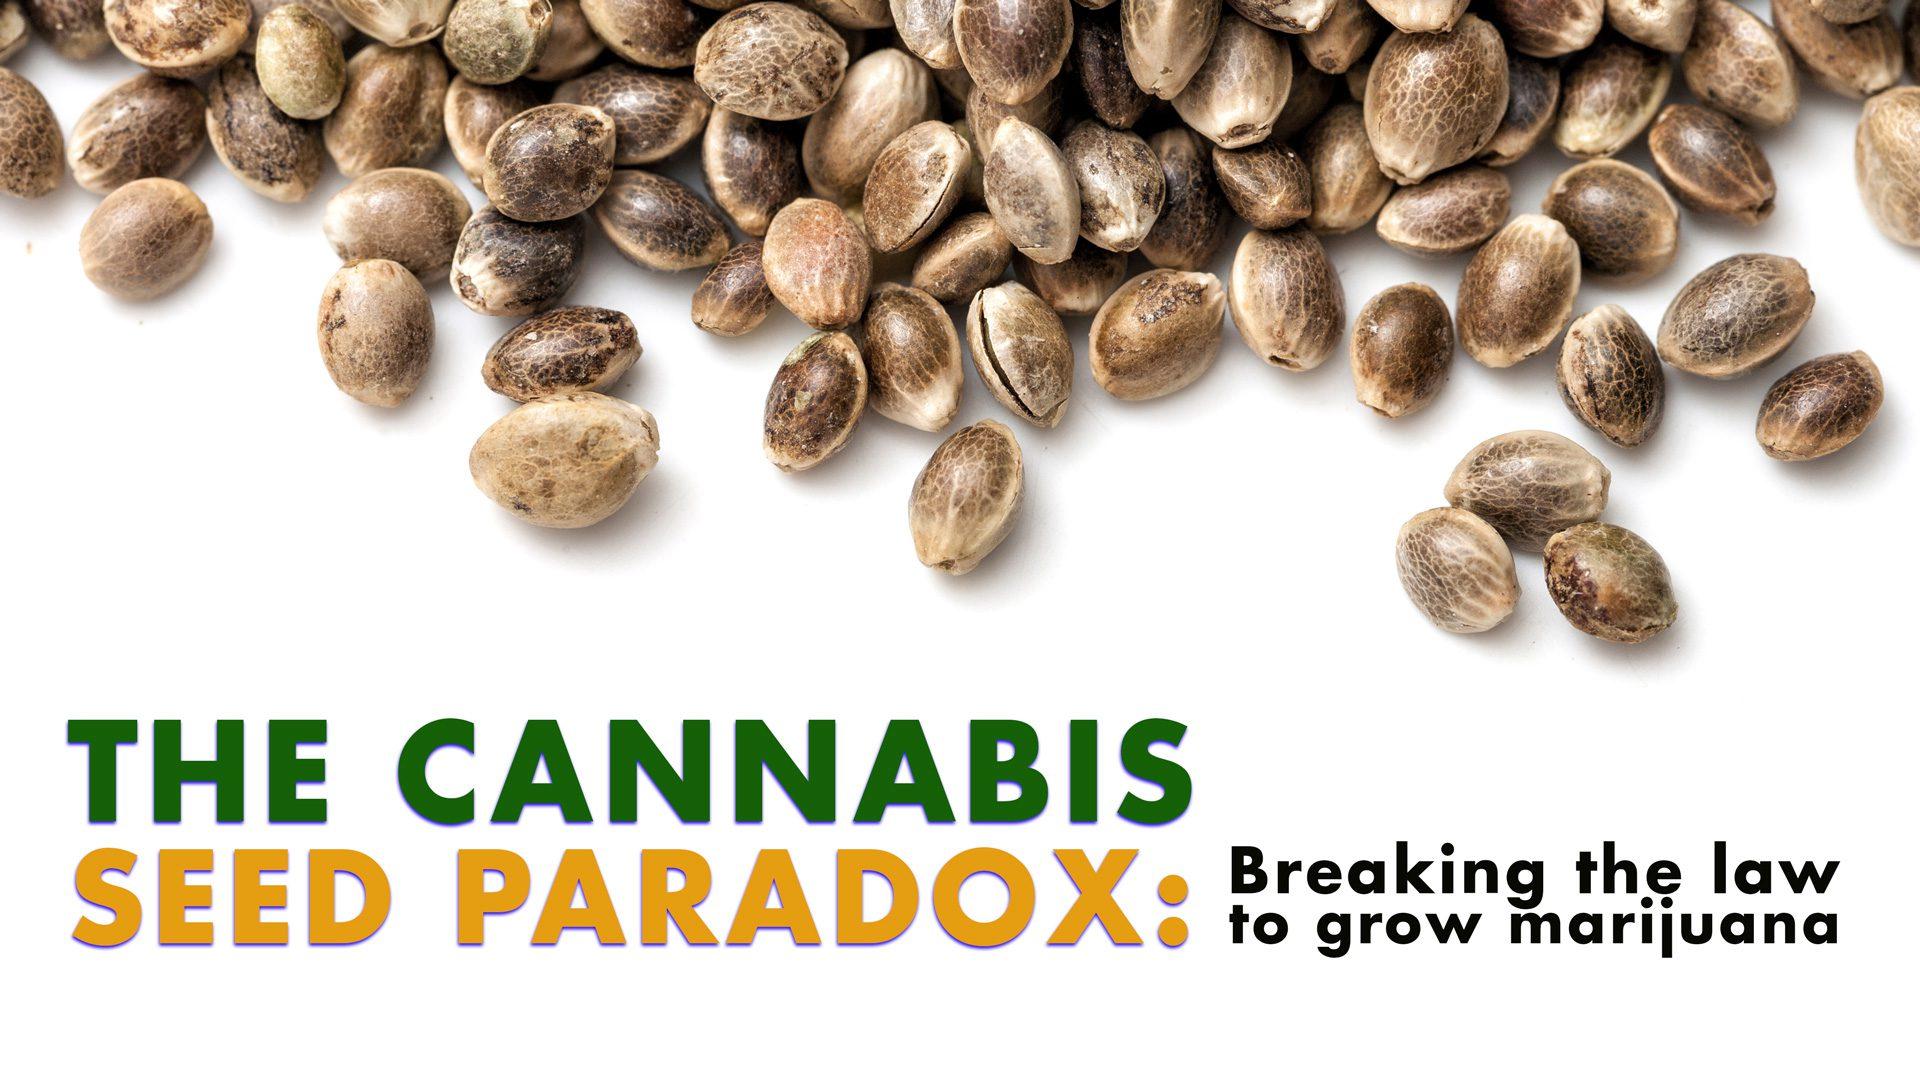 CannabisParadox